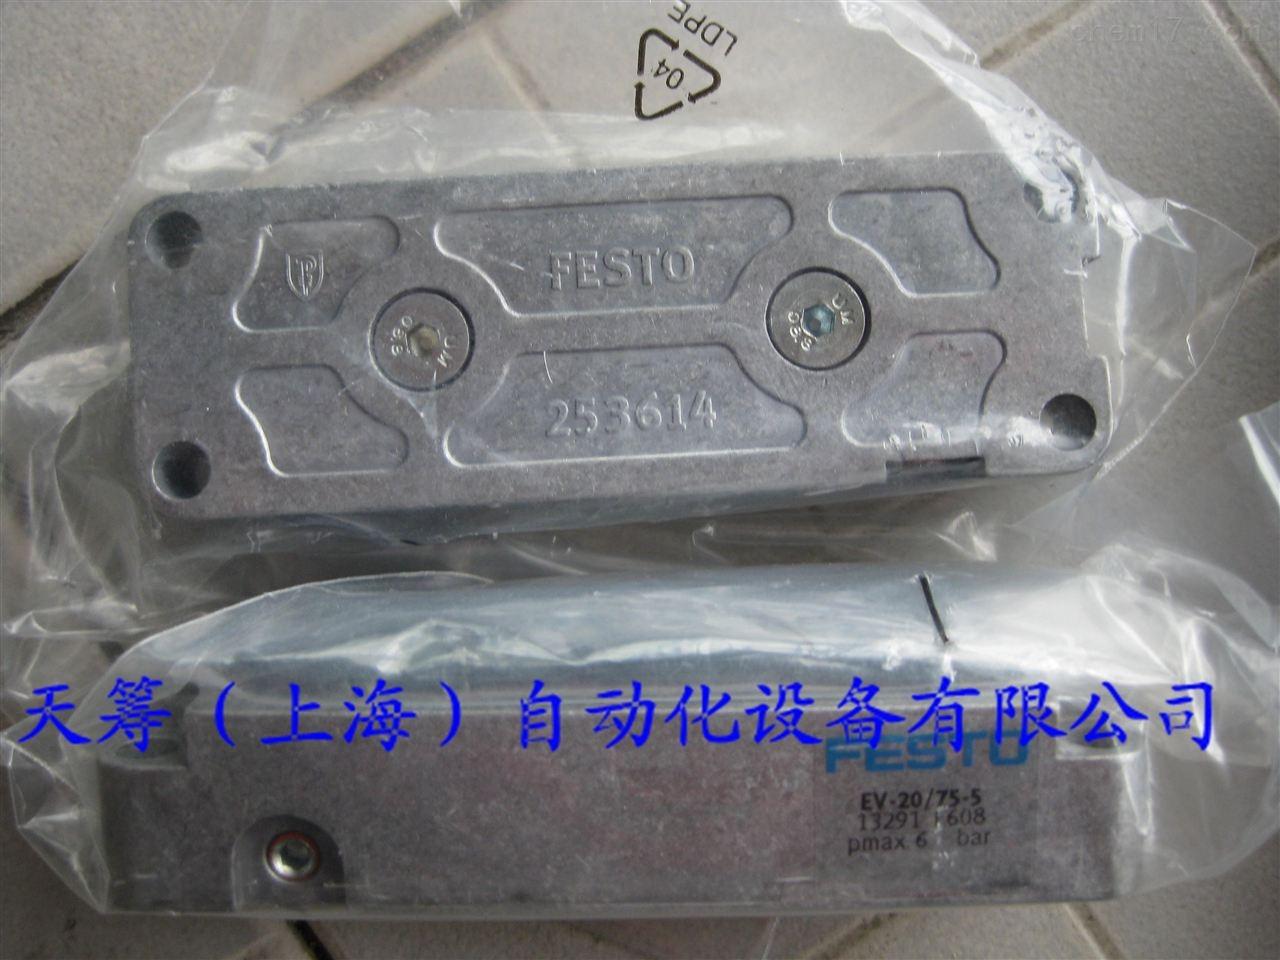 FESTO夹紧气缸EV-20/75-5